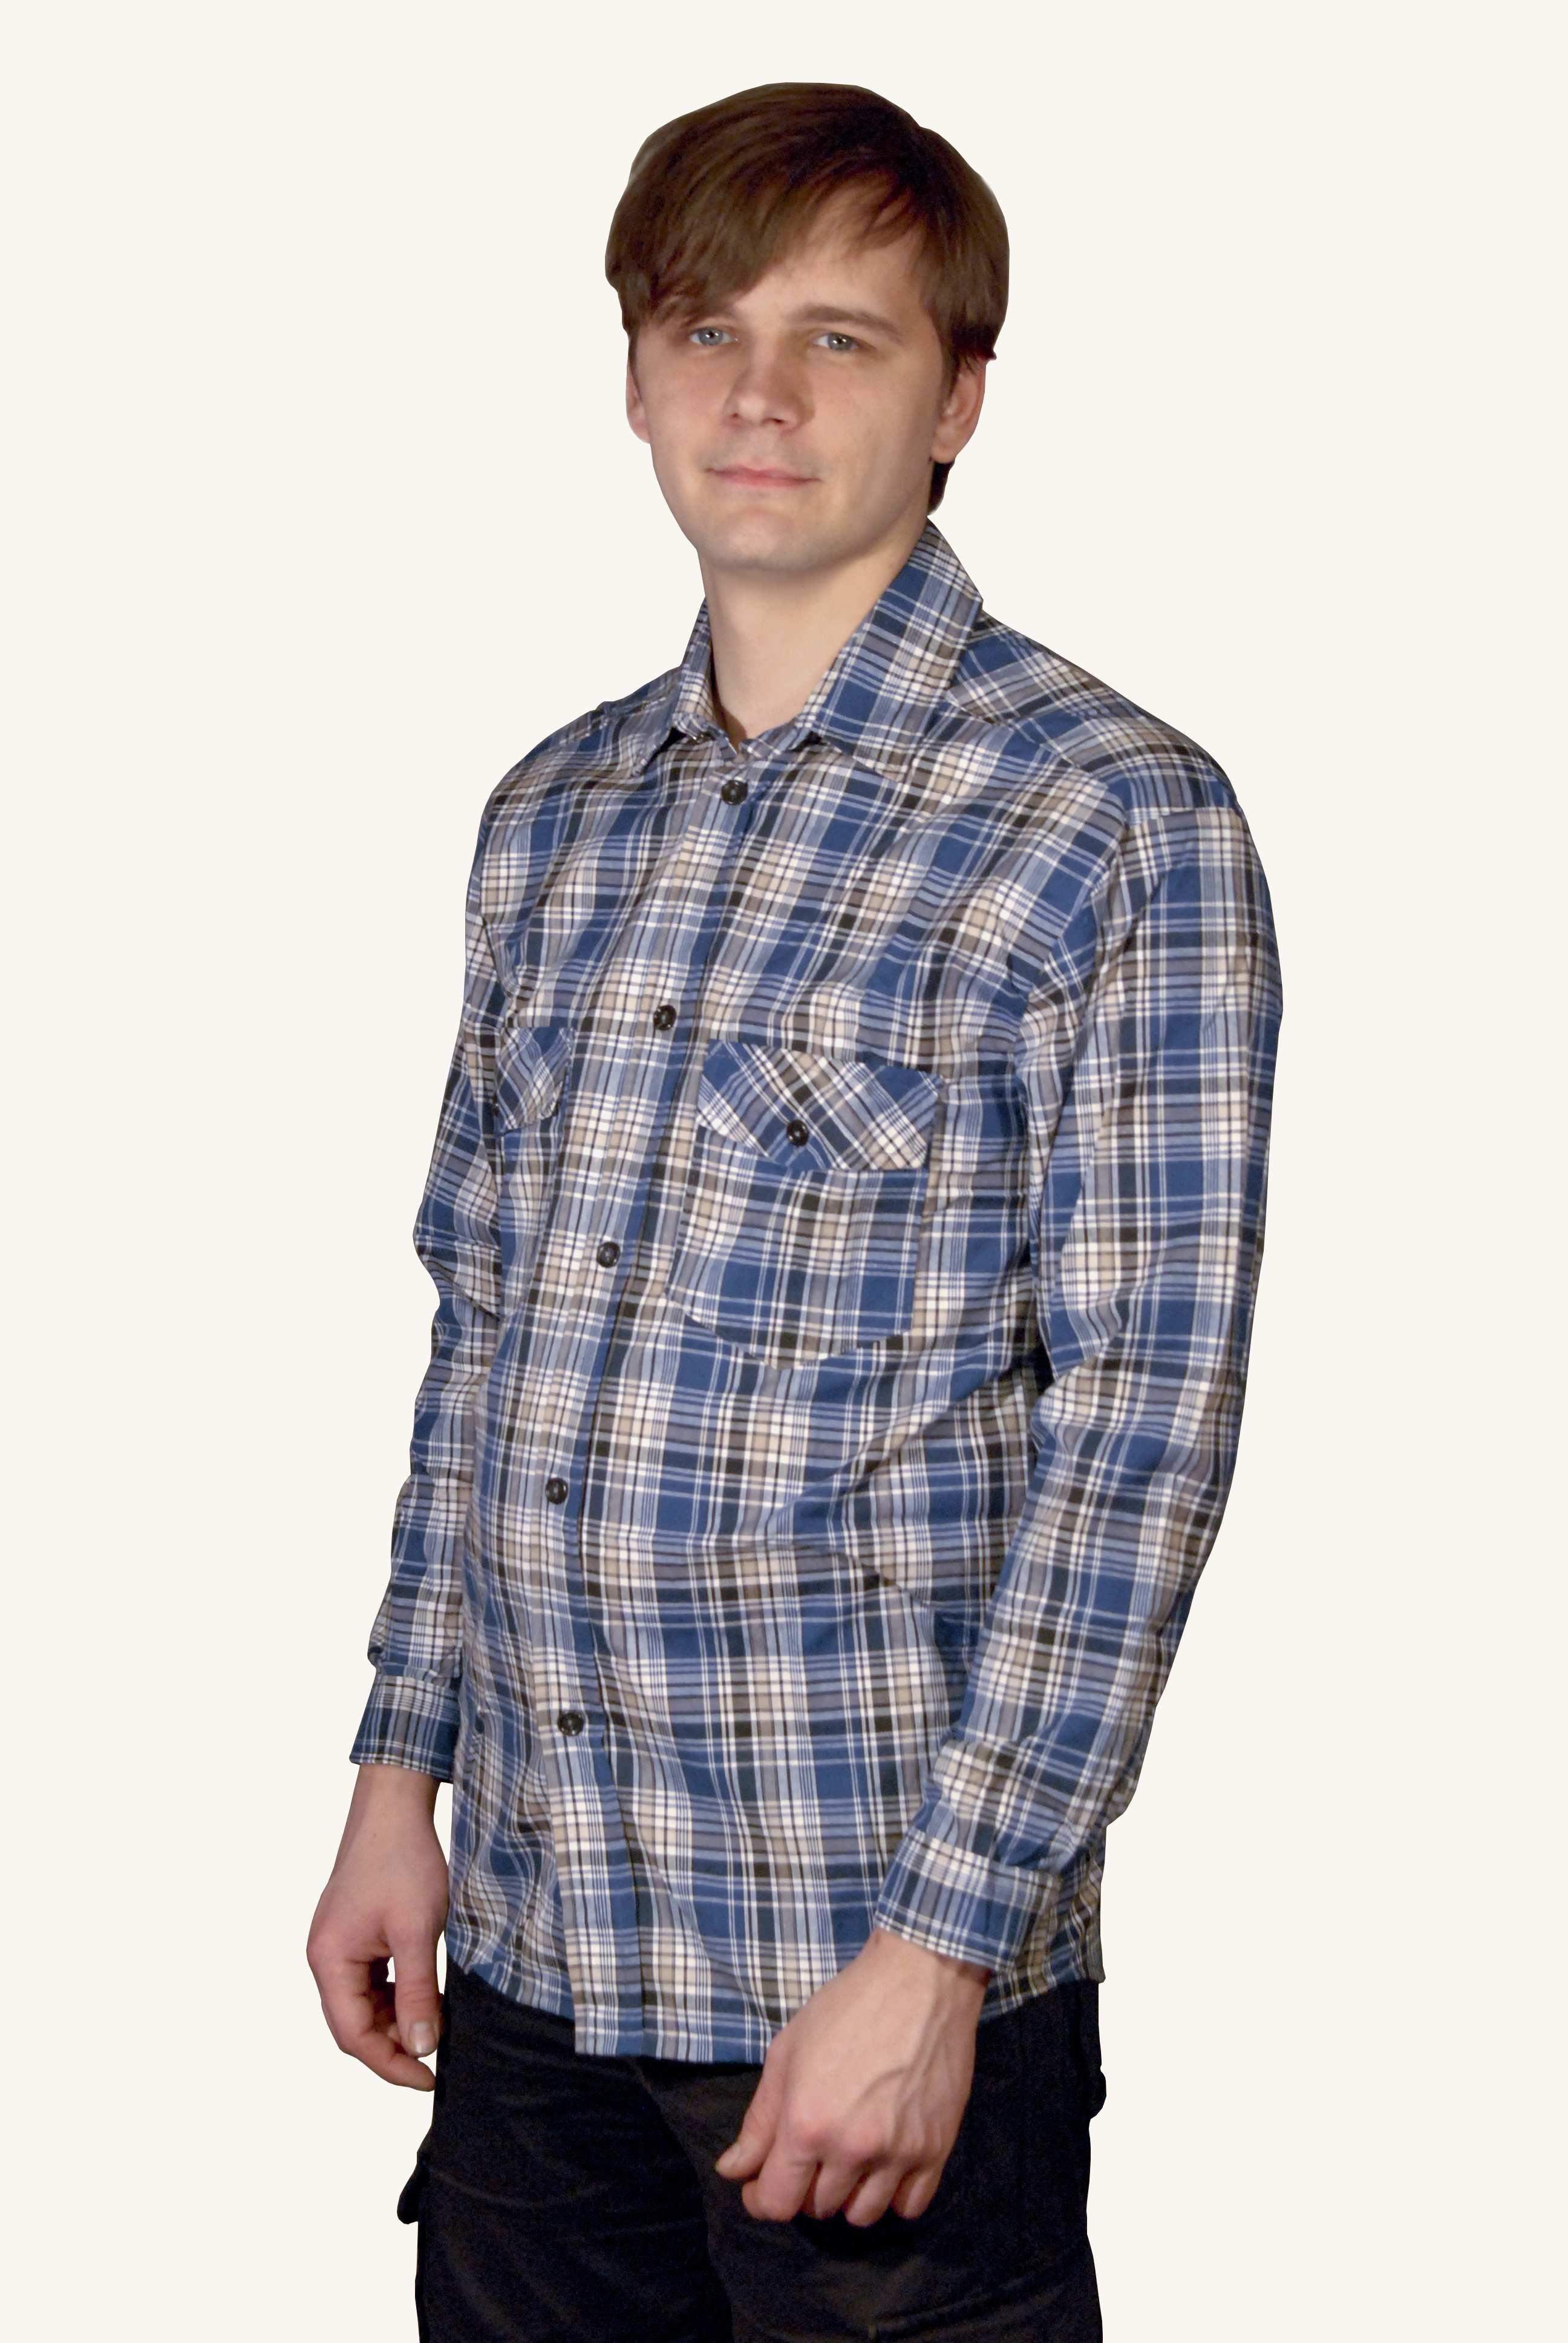 Мужская рубашка шотландка длинный рукав | купить ивановский текстиль оптом